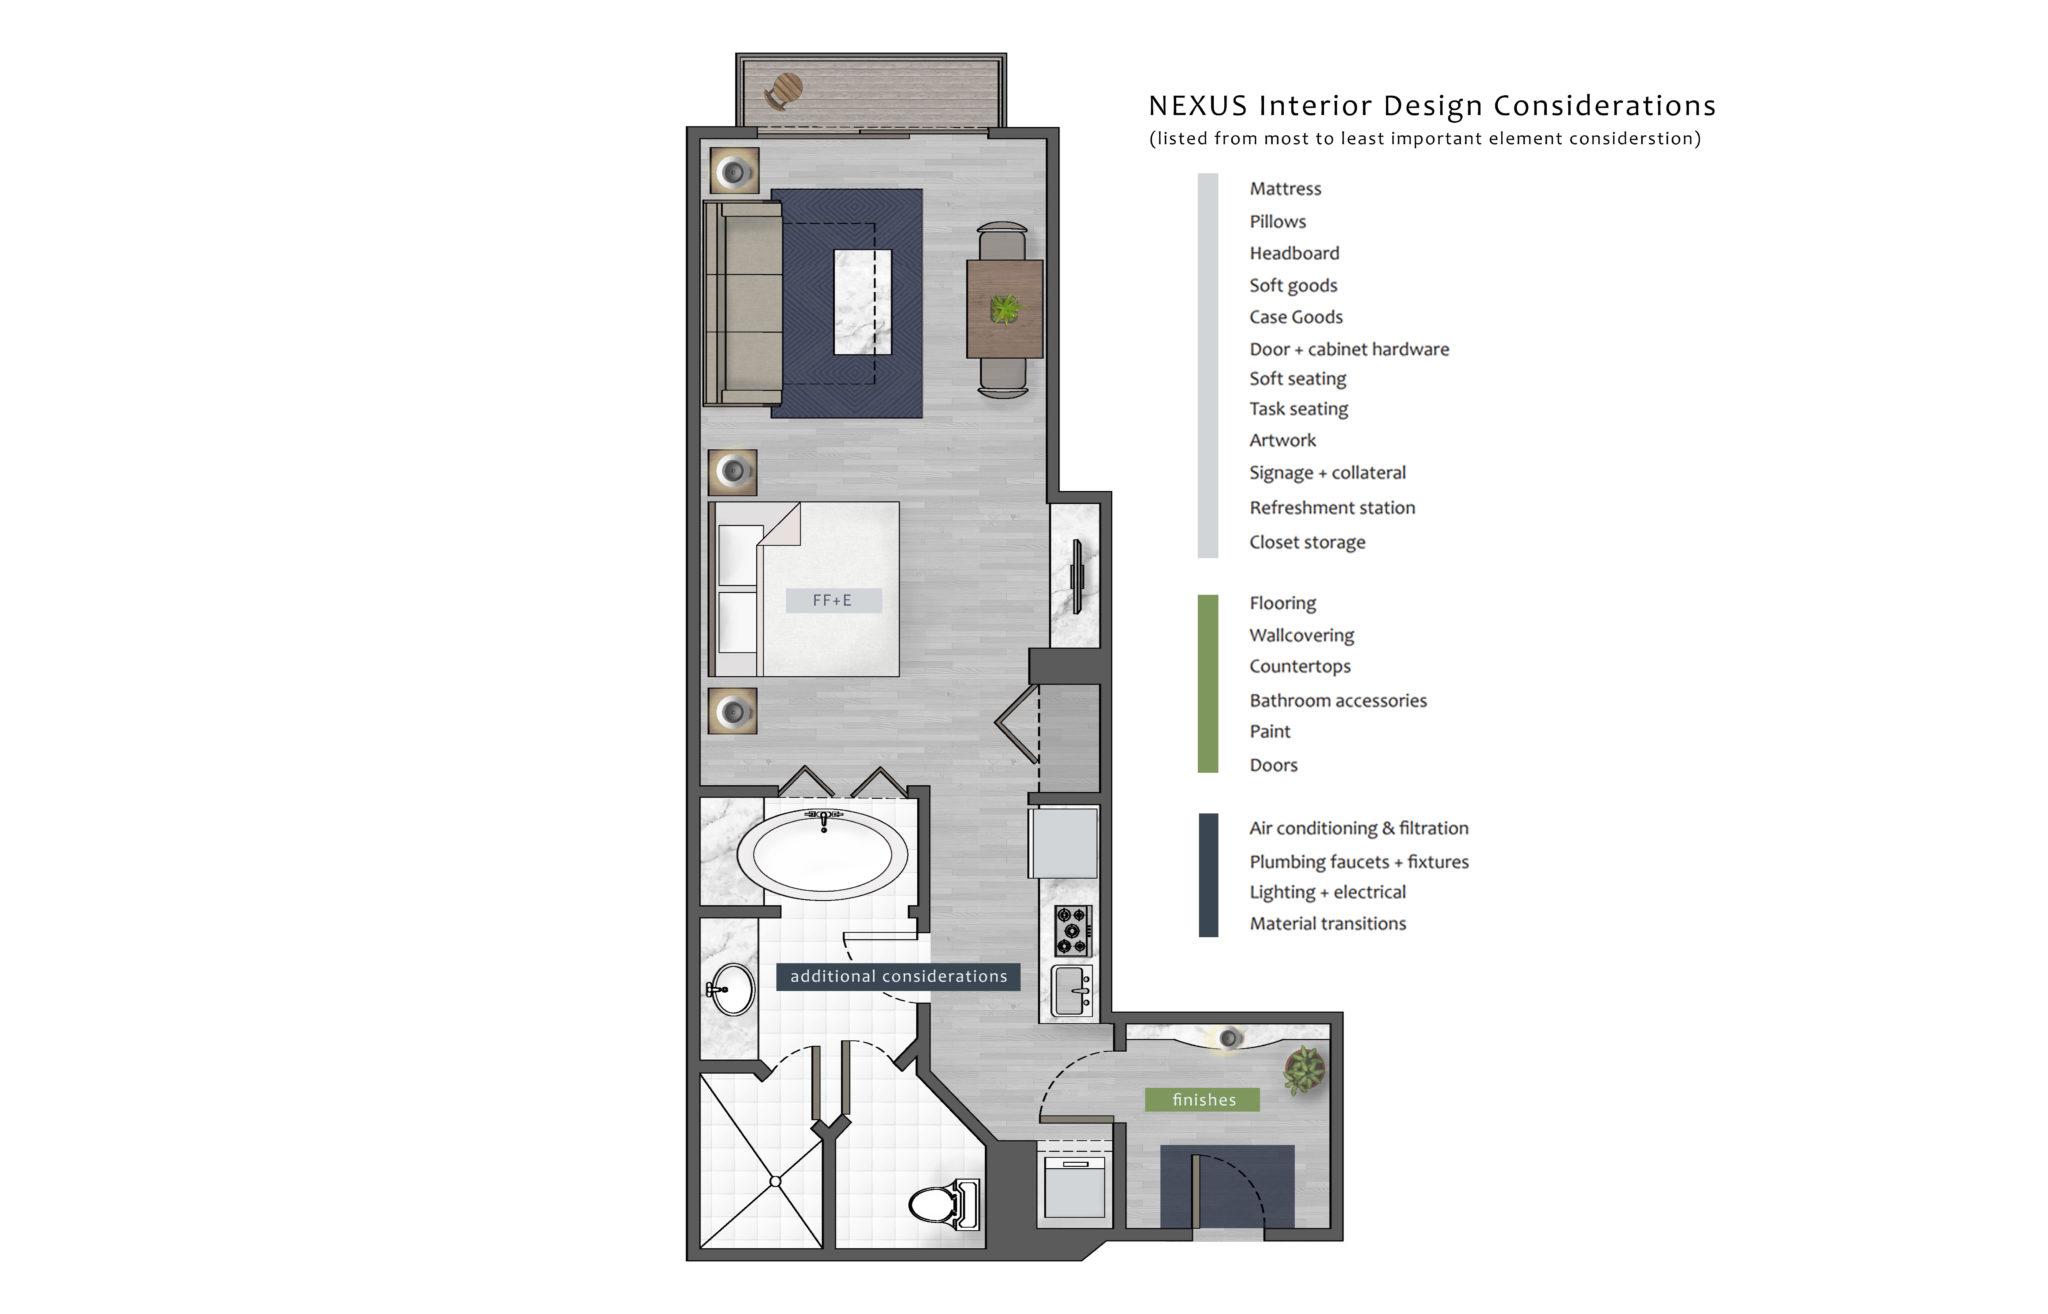 Nexus Interior Design